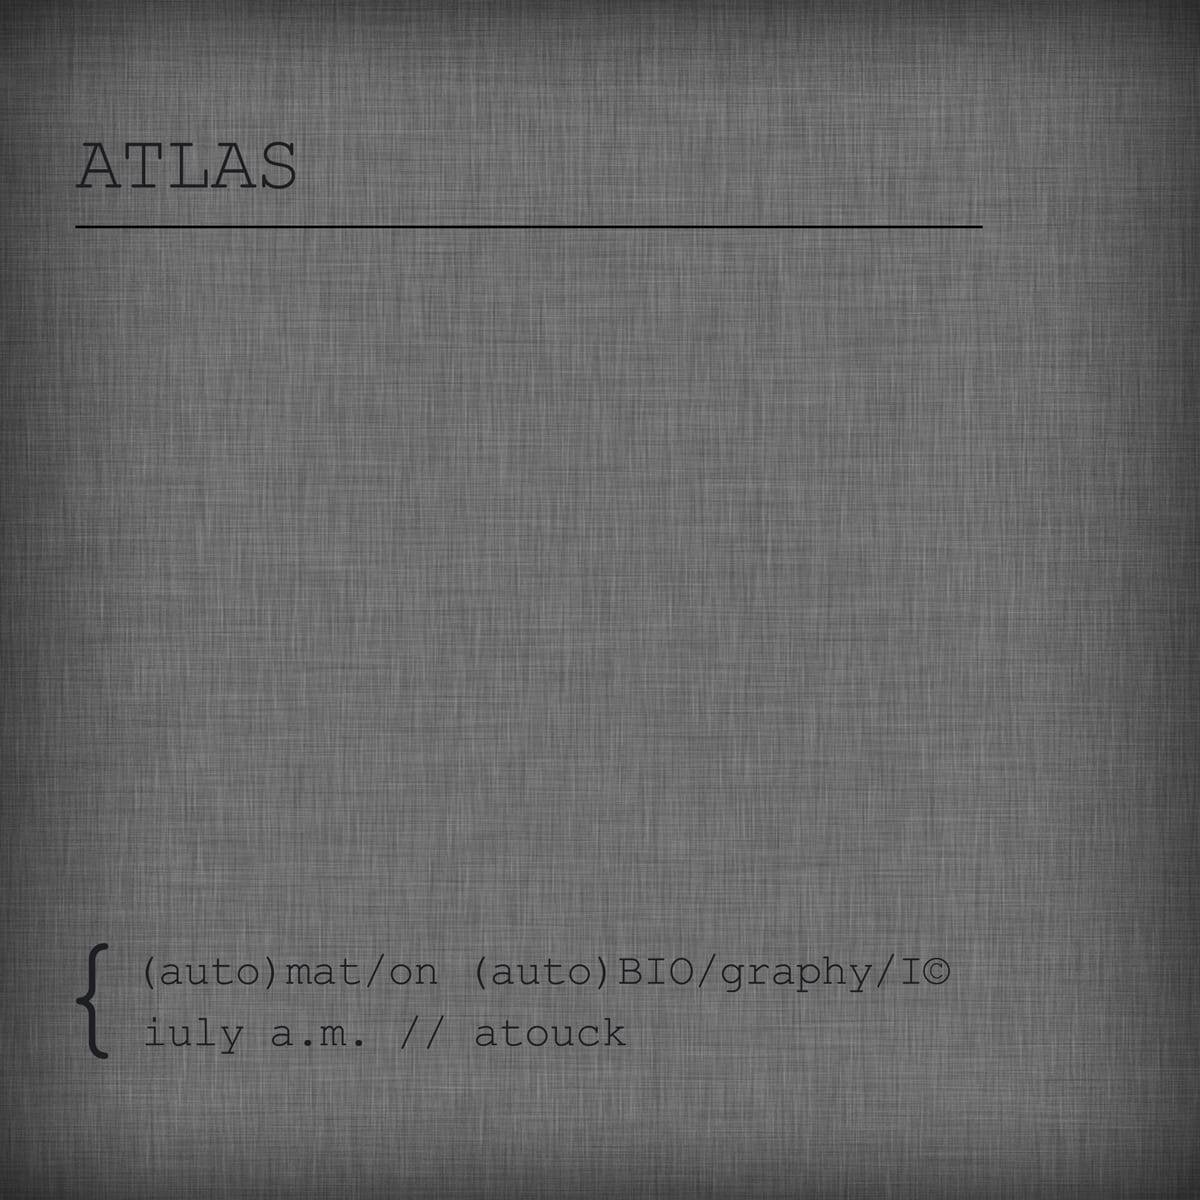 iuly a.m. & atouck - ATLAS EP (web)